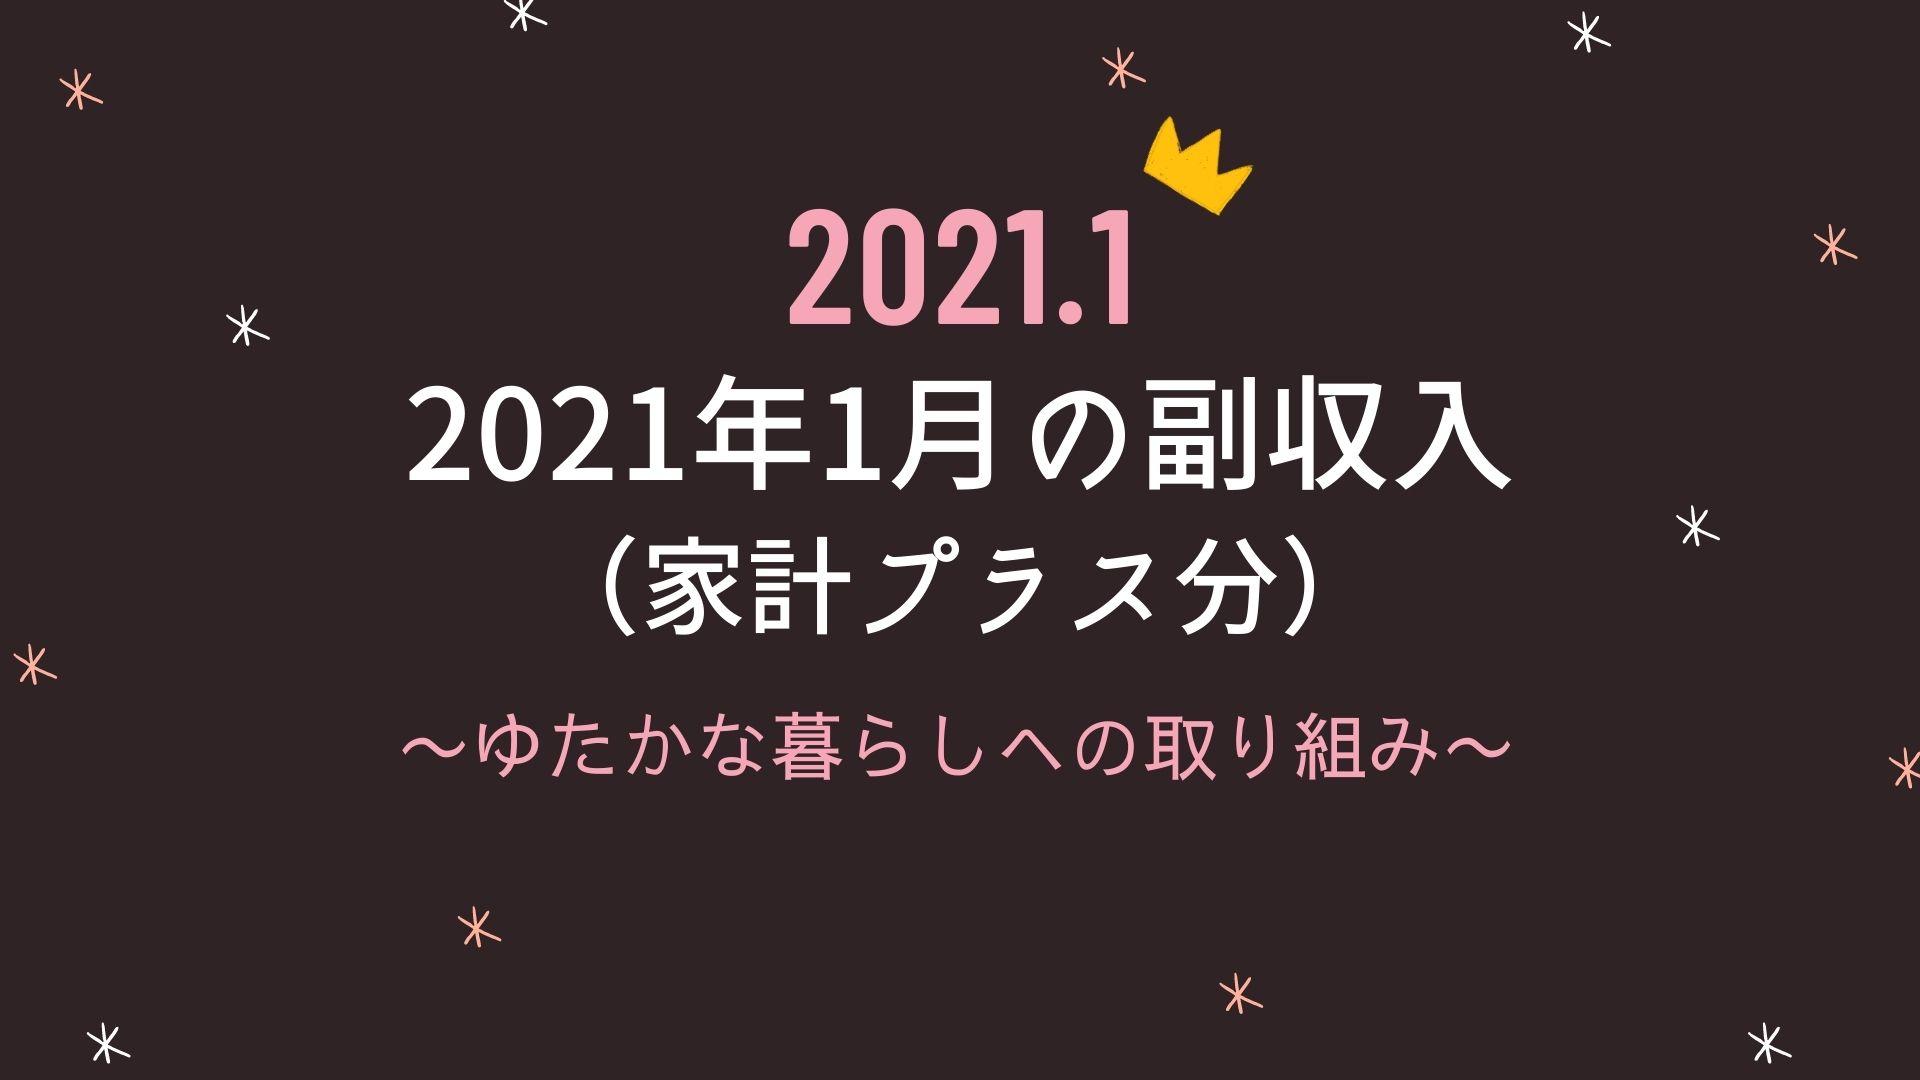 2021年1月の副収入・家計プラス分〜ゆたかな暮らしへの取り組み〜